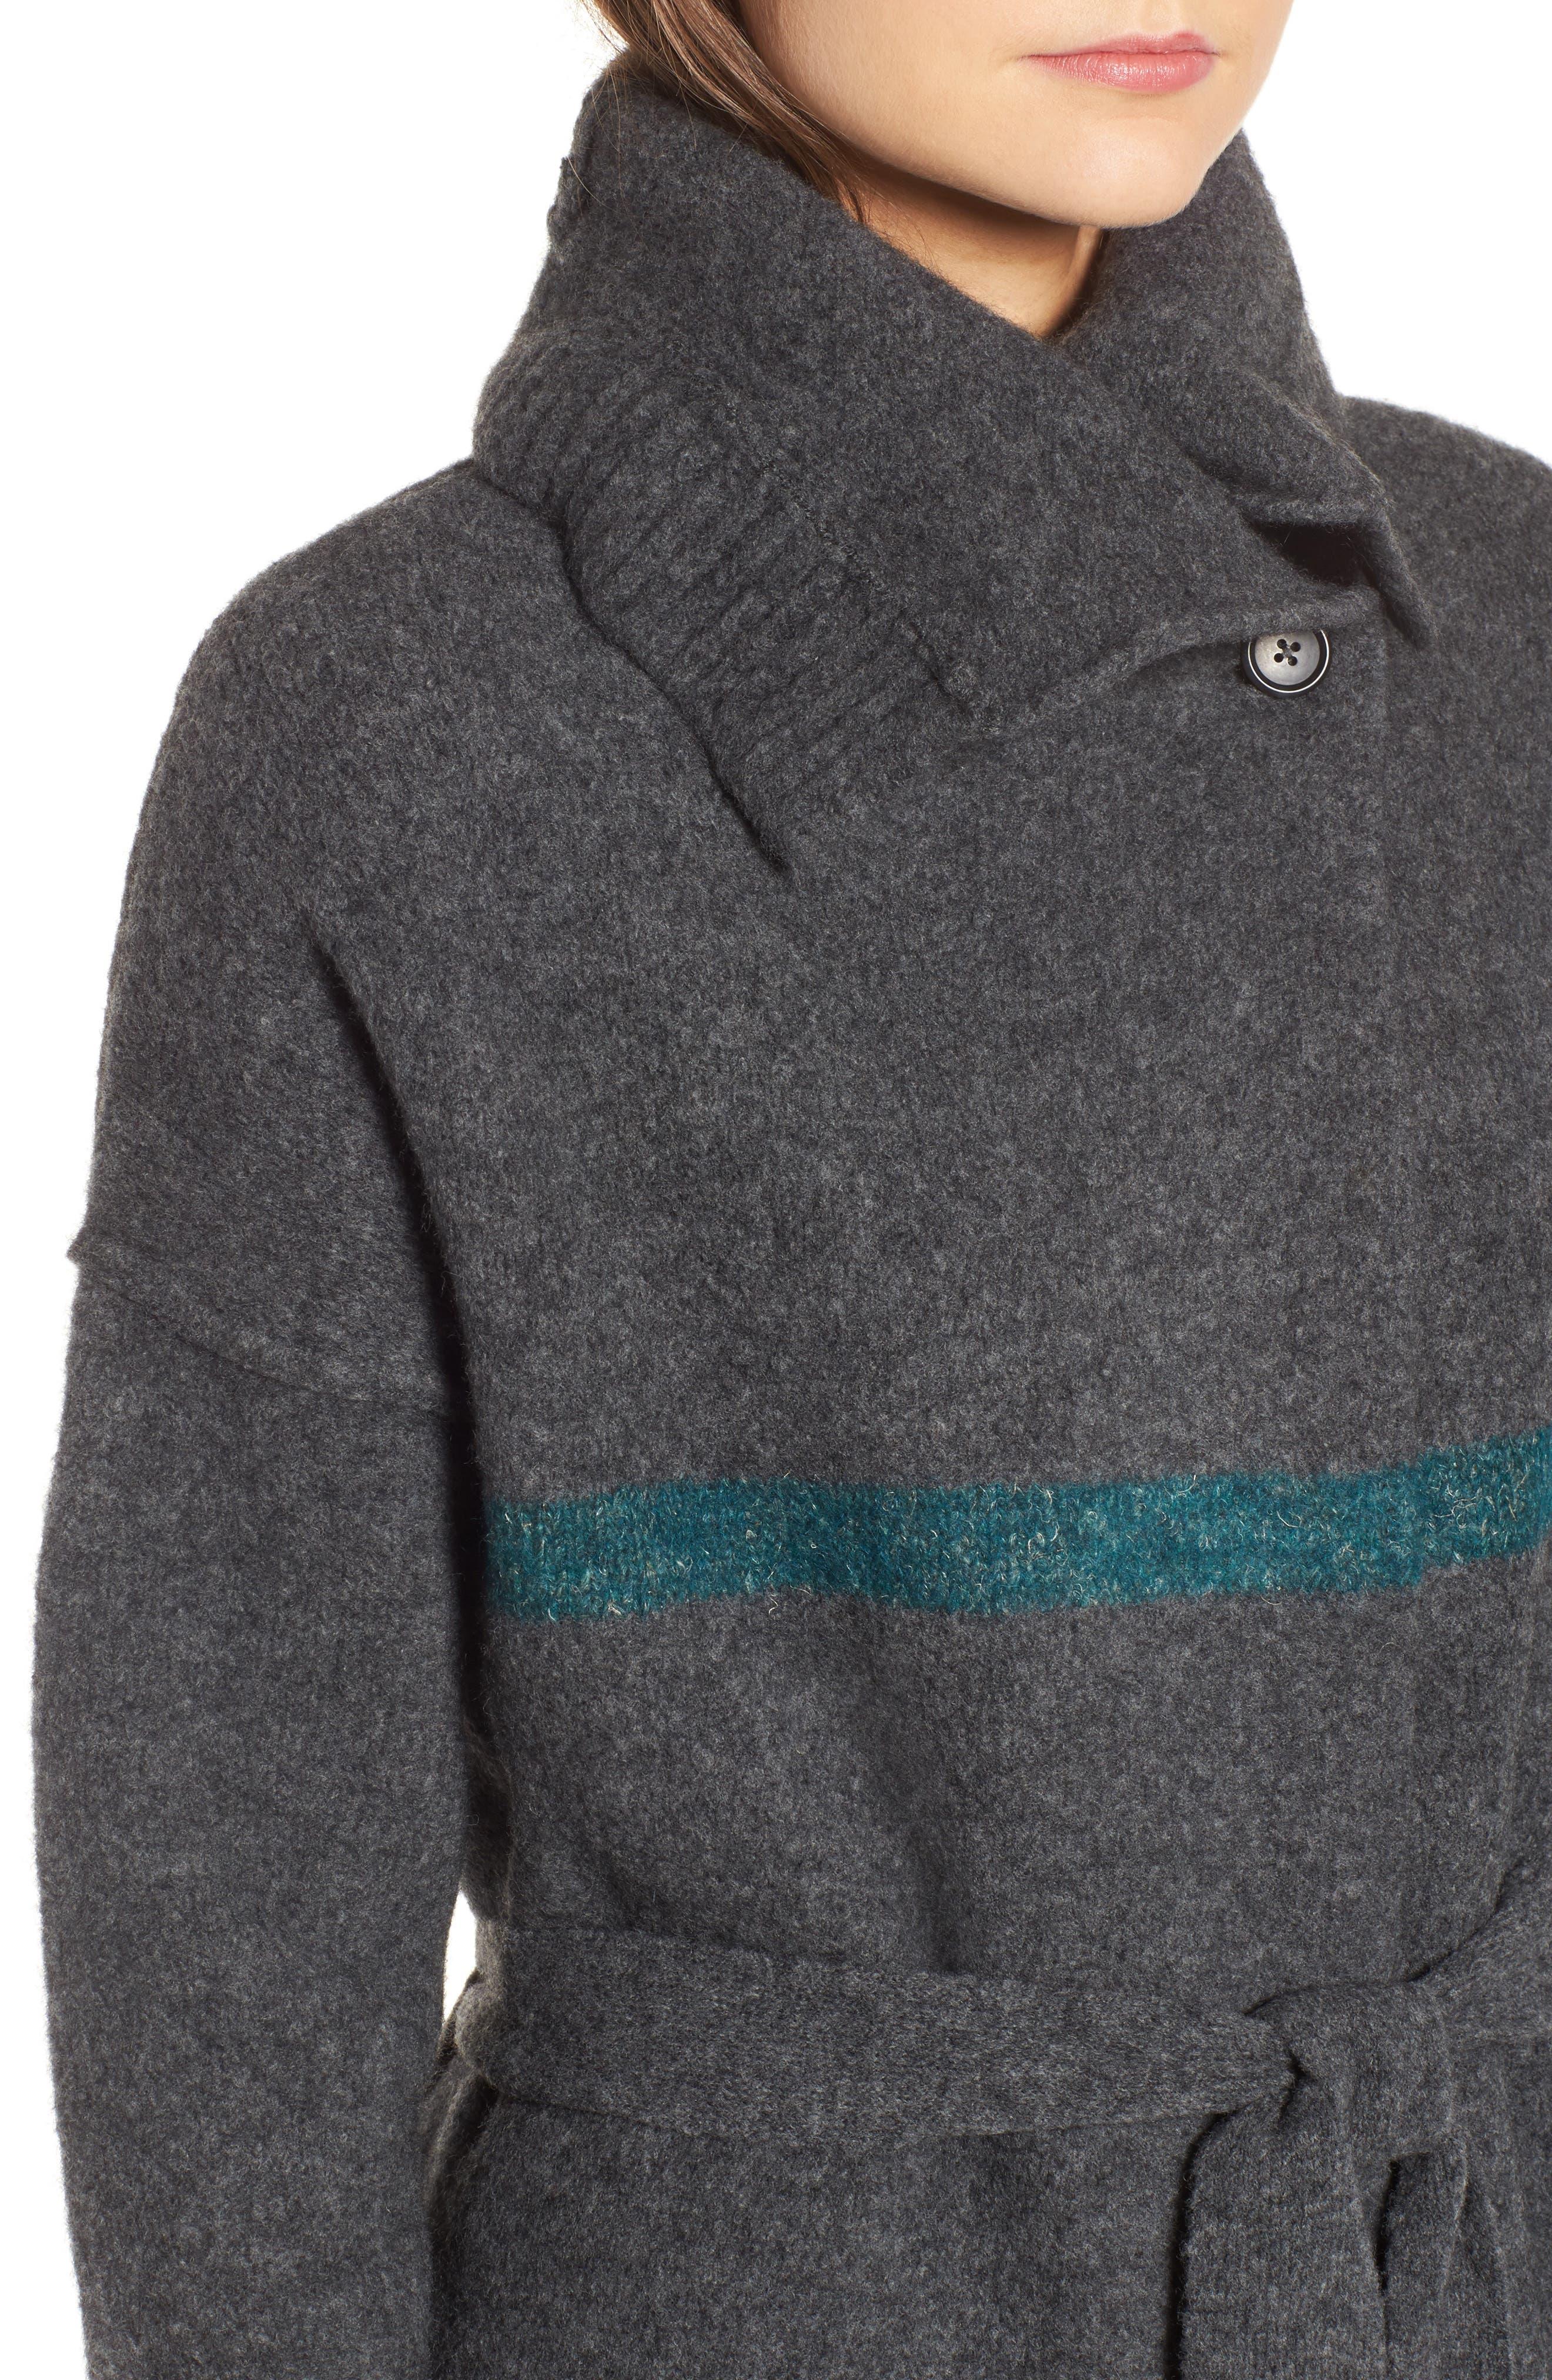 Belted Blanket Stripe Coat,                             Alternate thumbnail 4, color,                             Ash/ Val/ Imp/ Ant